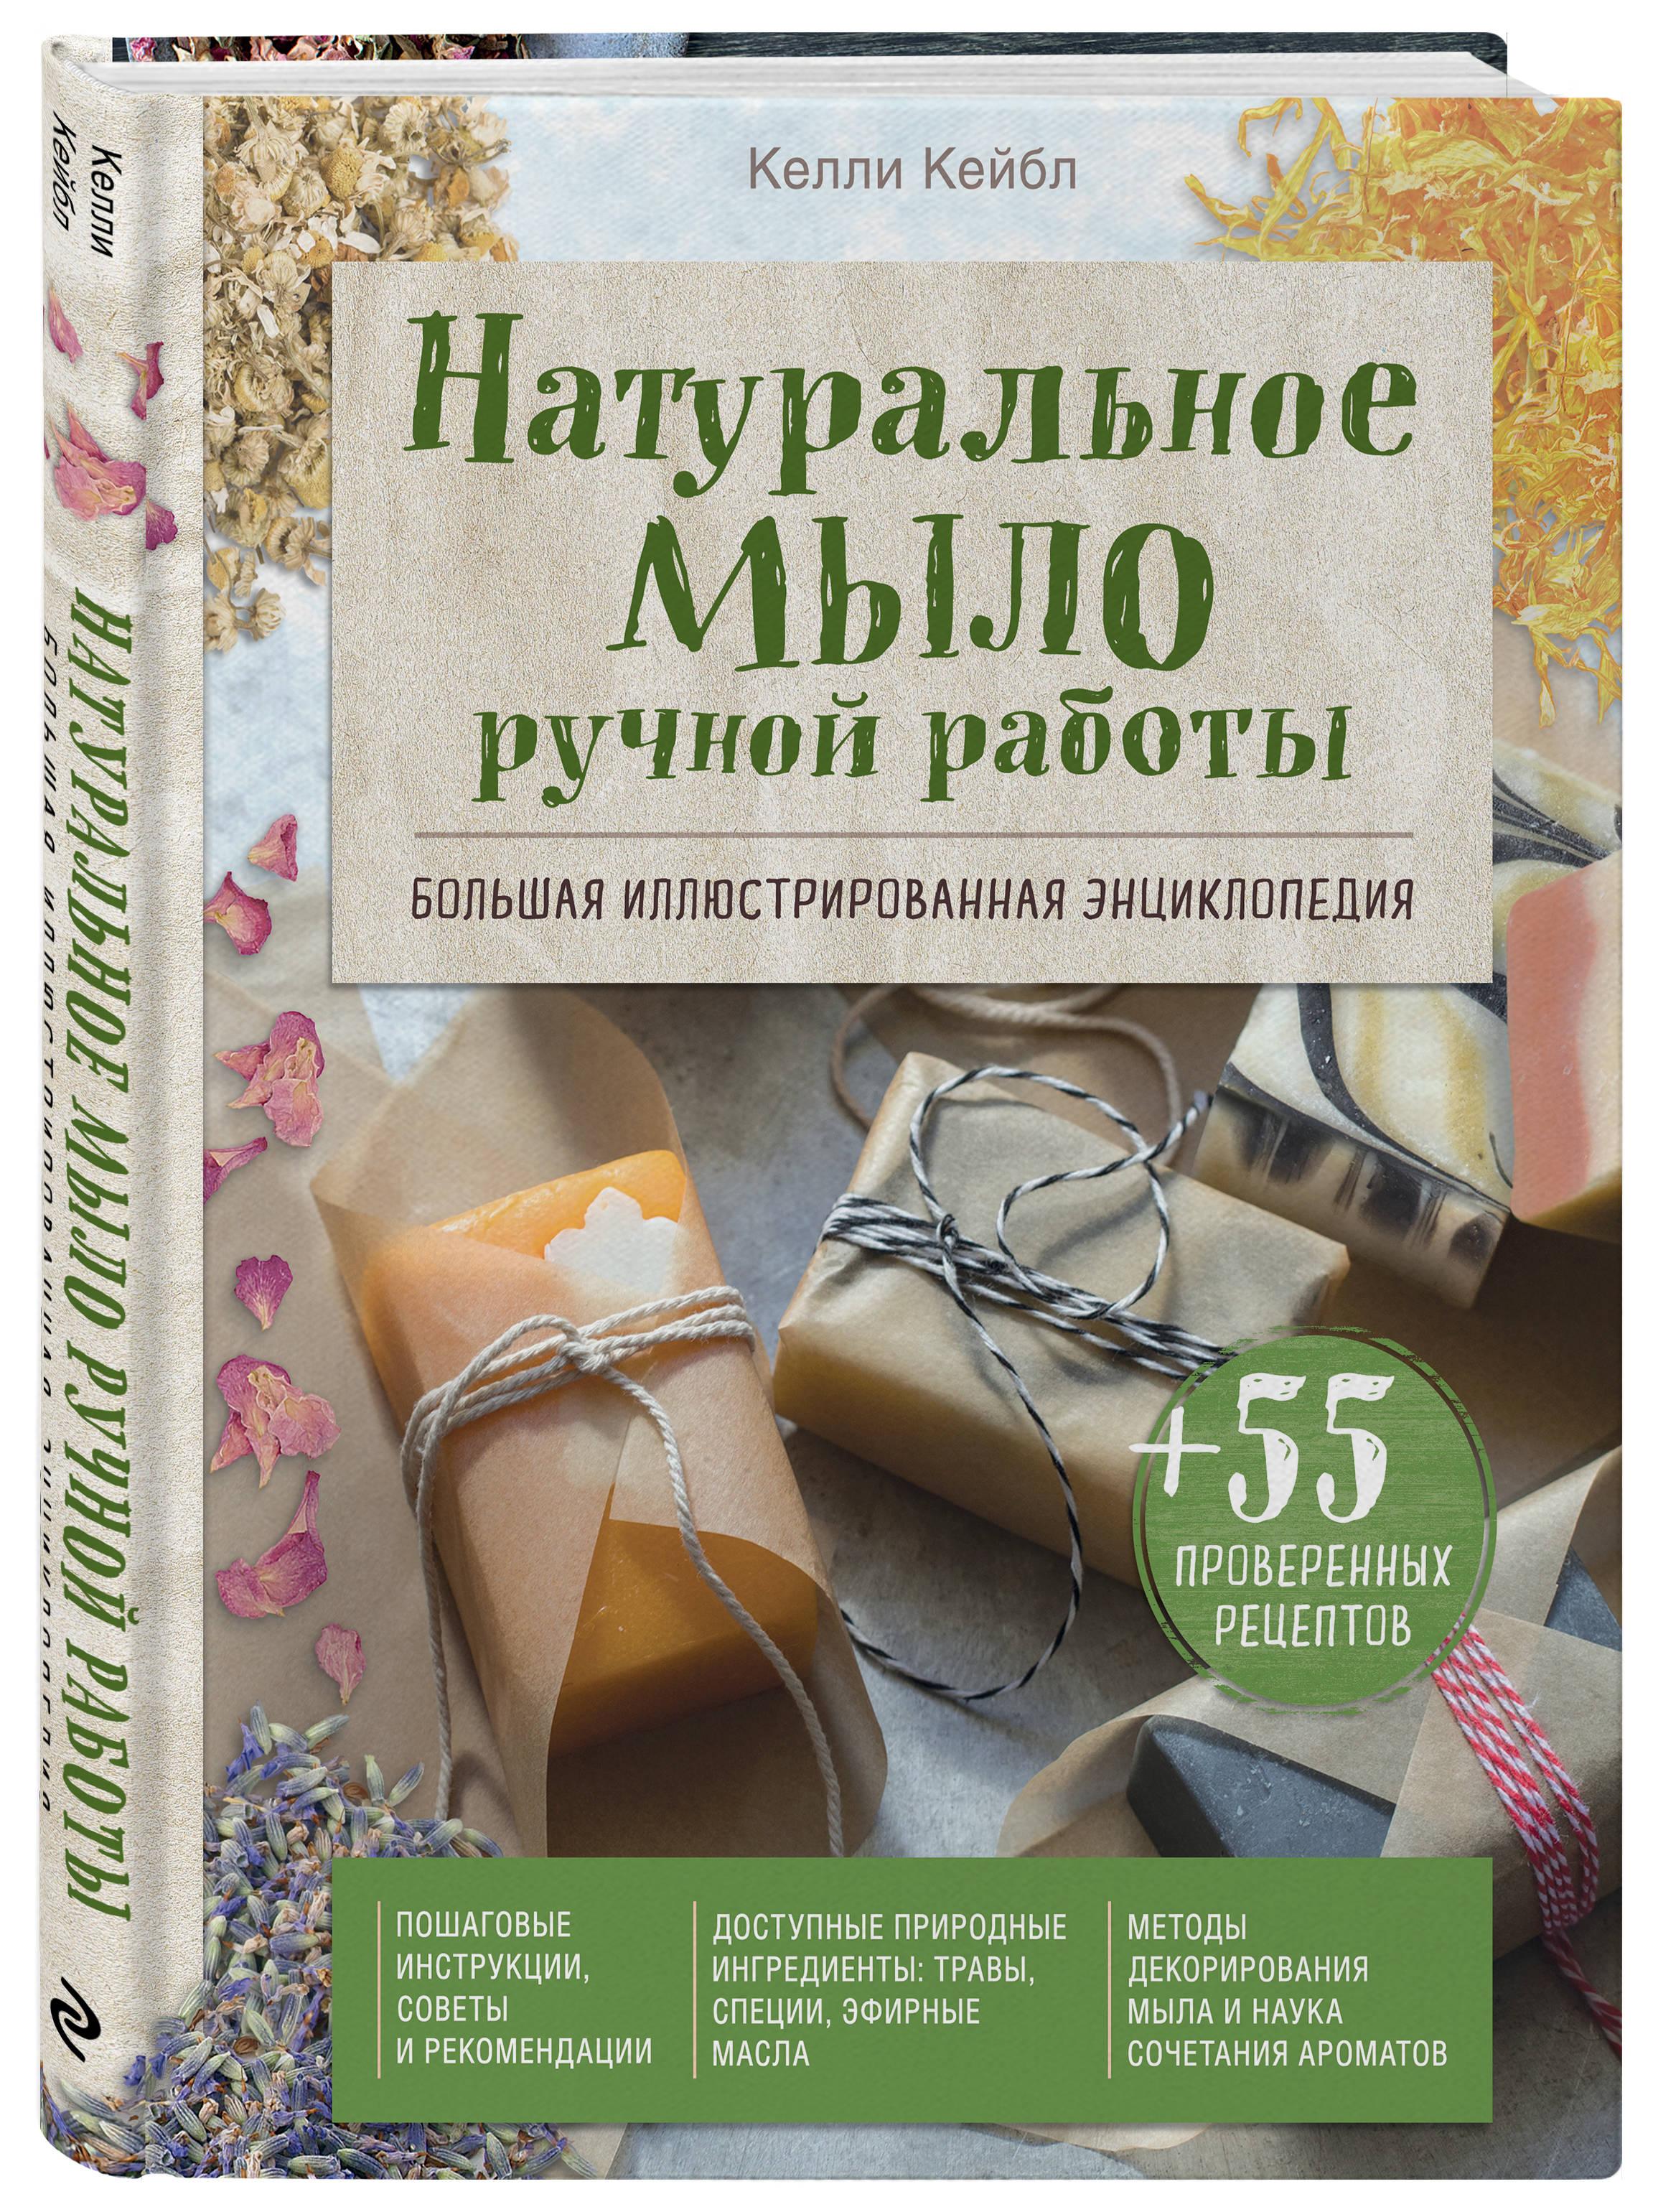 Натуральное мыло ручной работы. Большая иллюстрированная энциклопедия ( Келли Кейбл  )